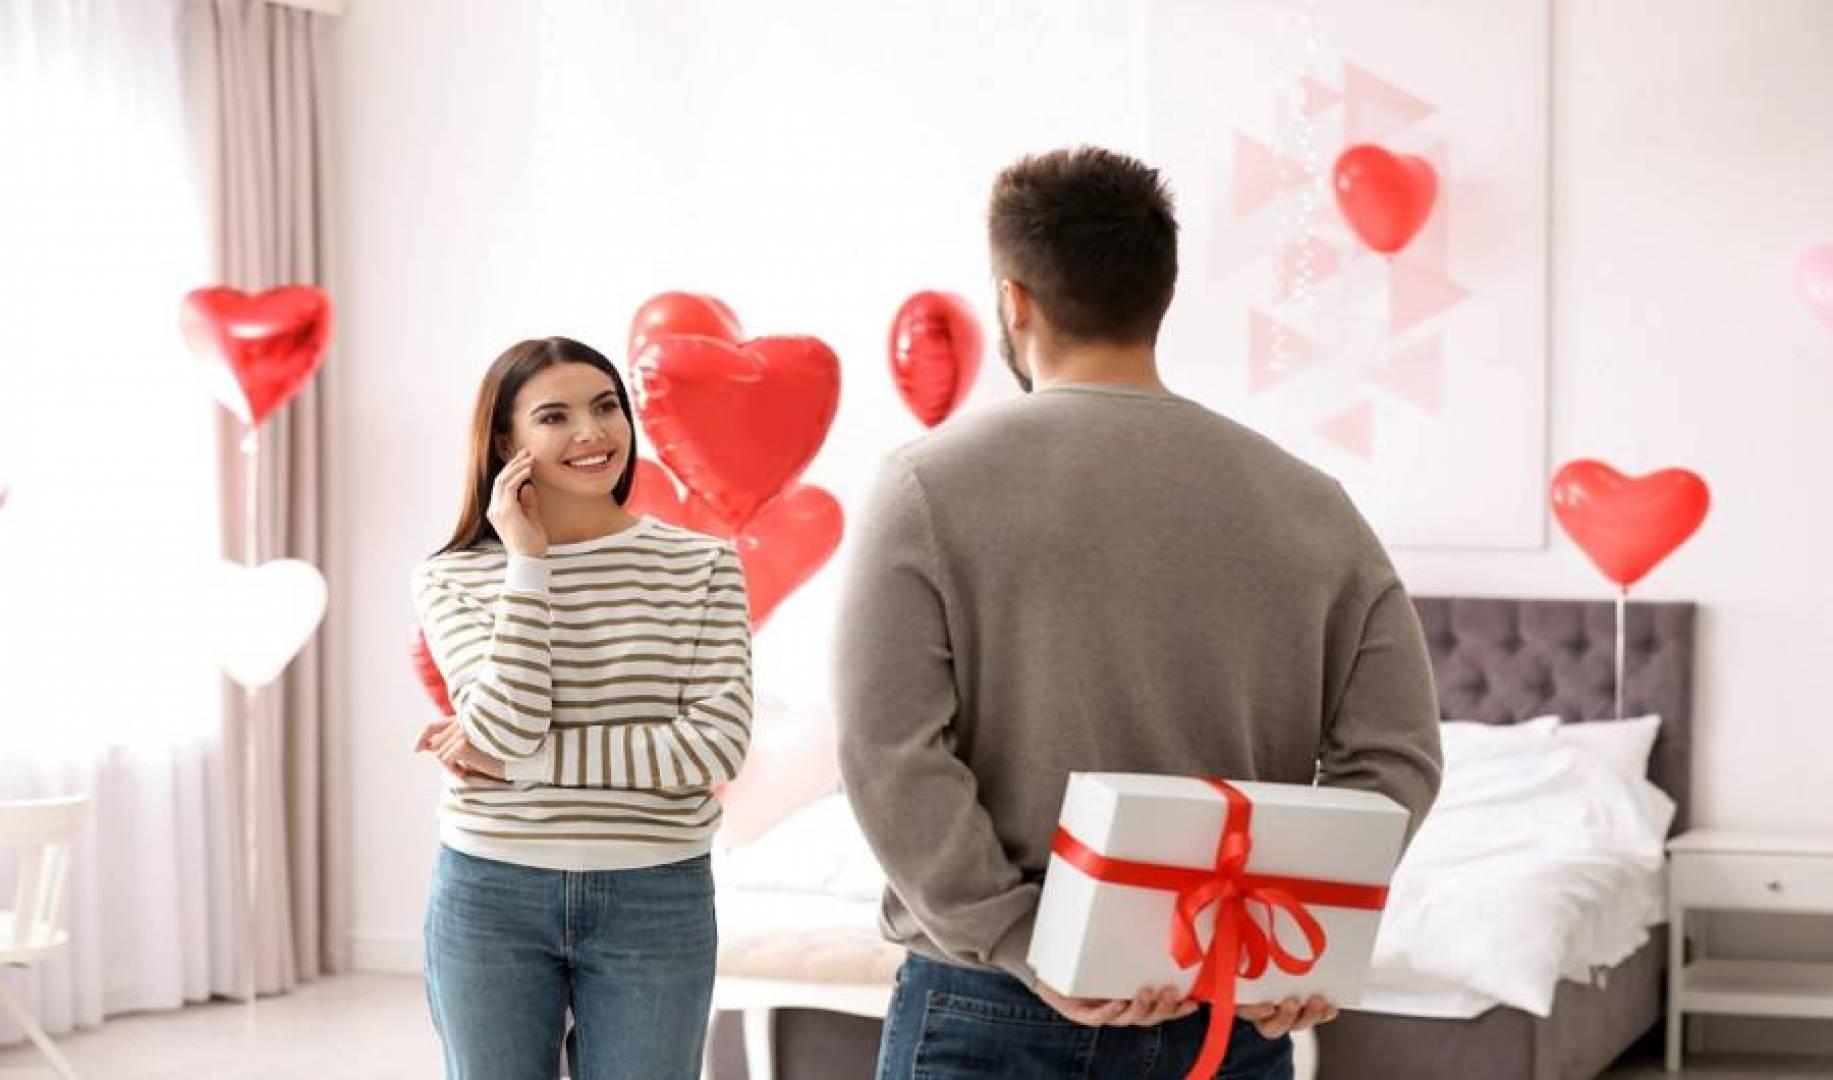 1.2 مليار دولار إنفاق البريطانيين على «عيد الحب»